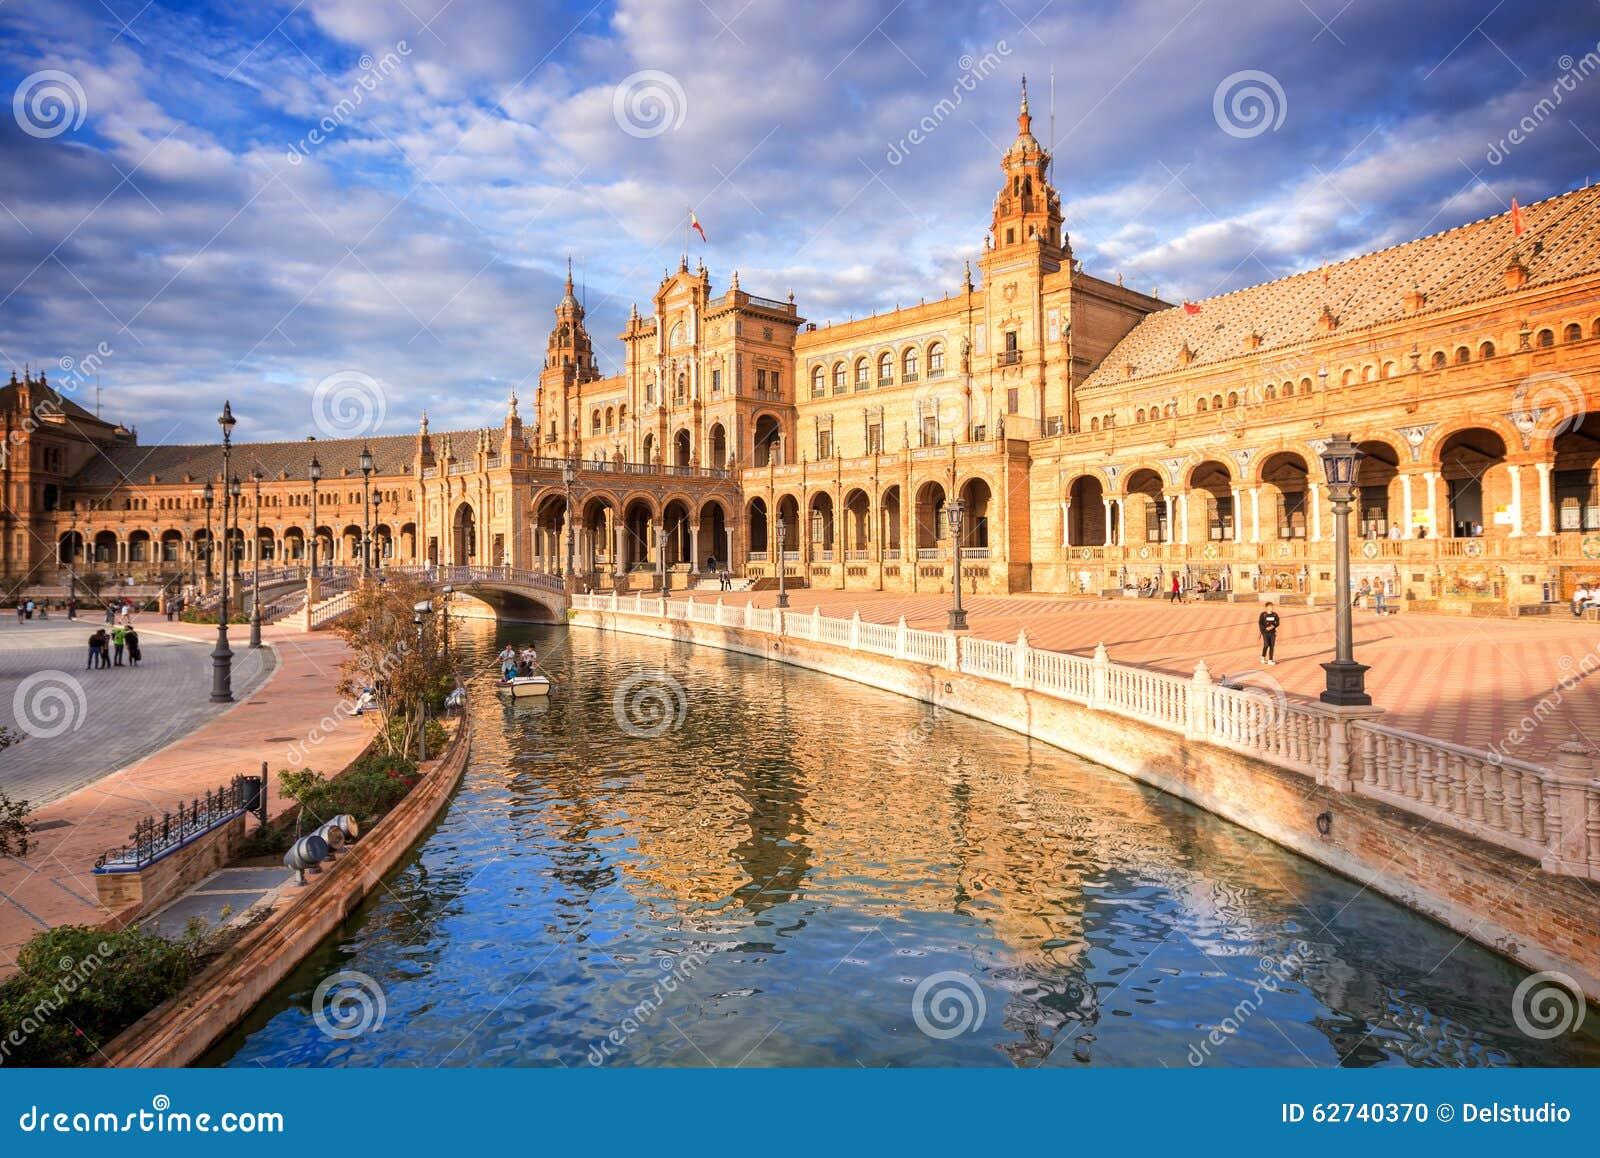 Plaza de Espana (quadrato della Spagna) in Siviglia, Spagna